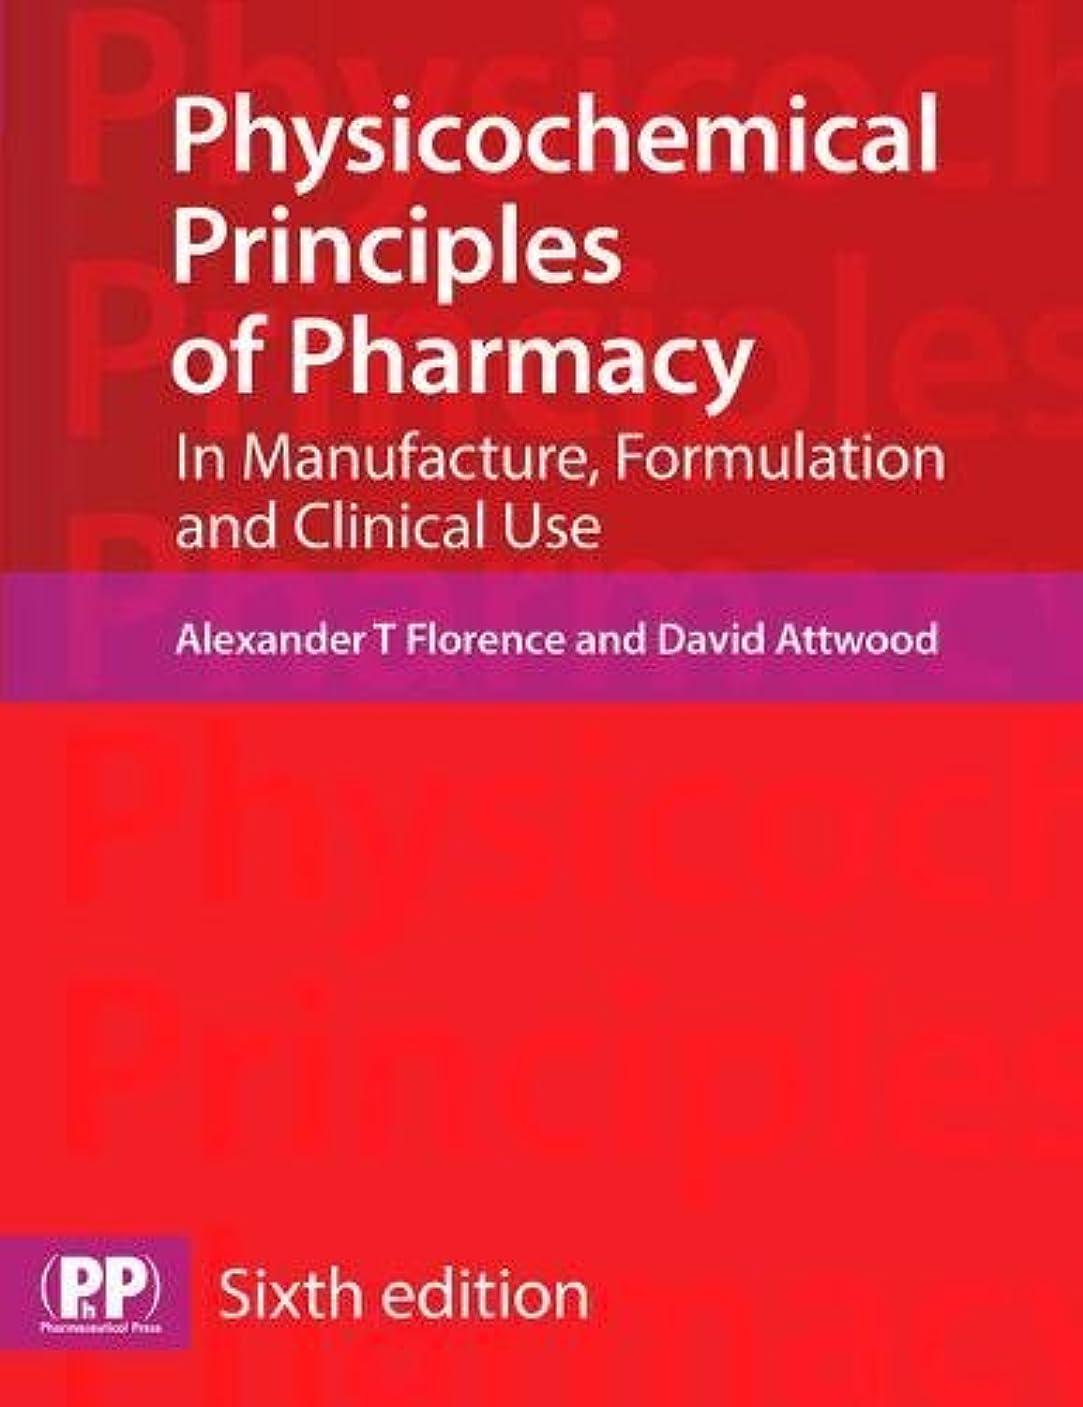 ケーブル温かいばかPhysicochemical Principles of Pharmacy: In Manufacture, Formulation and Clinical Use